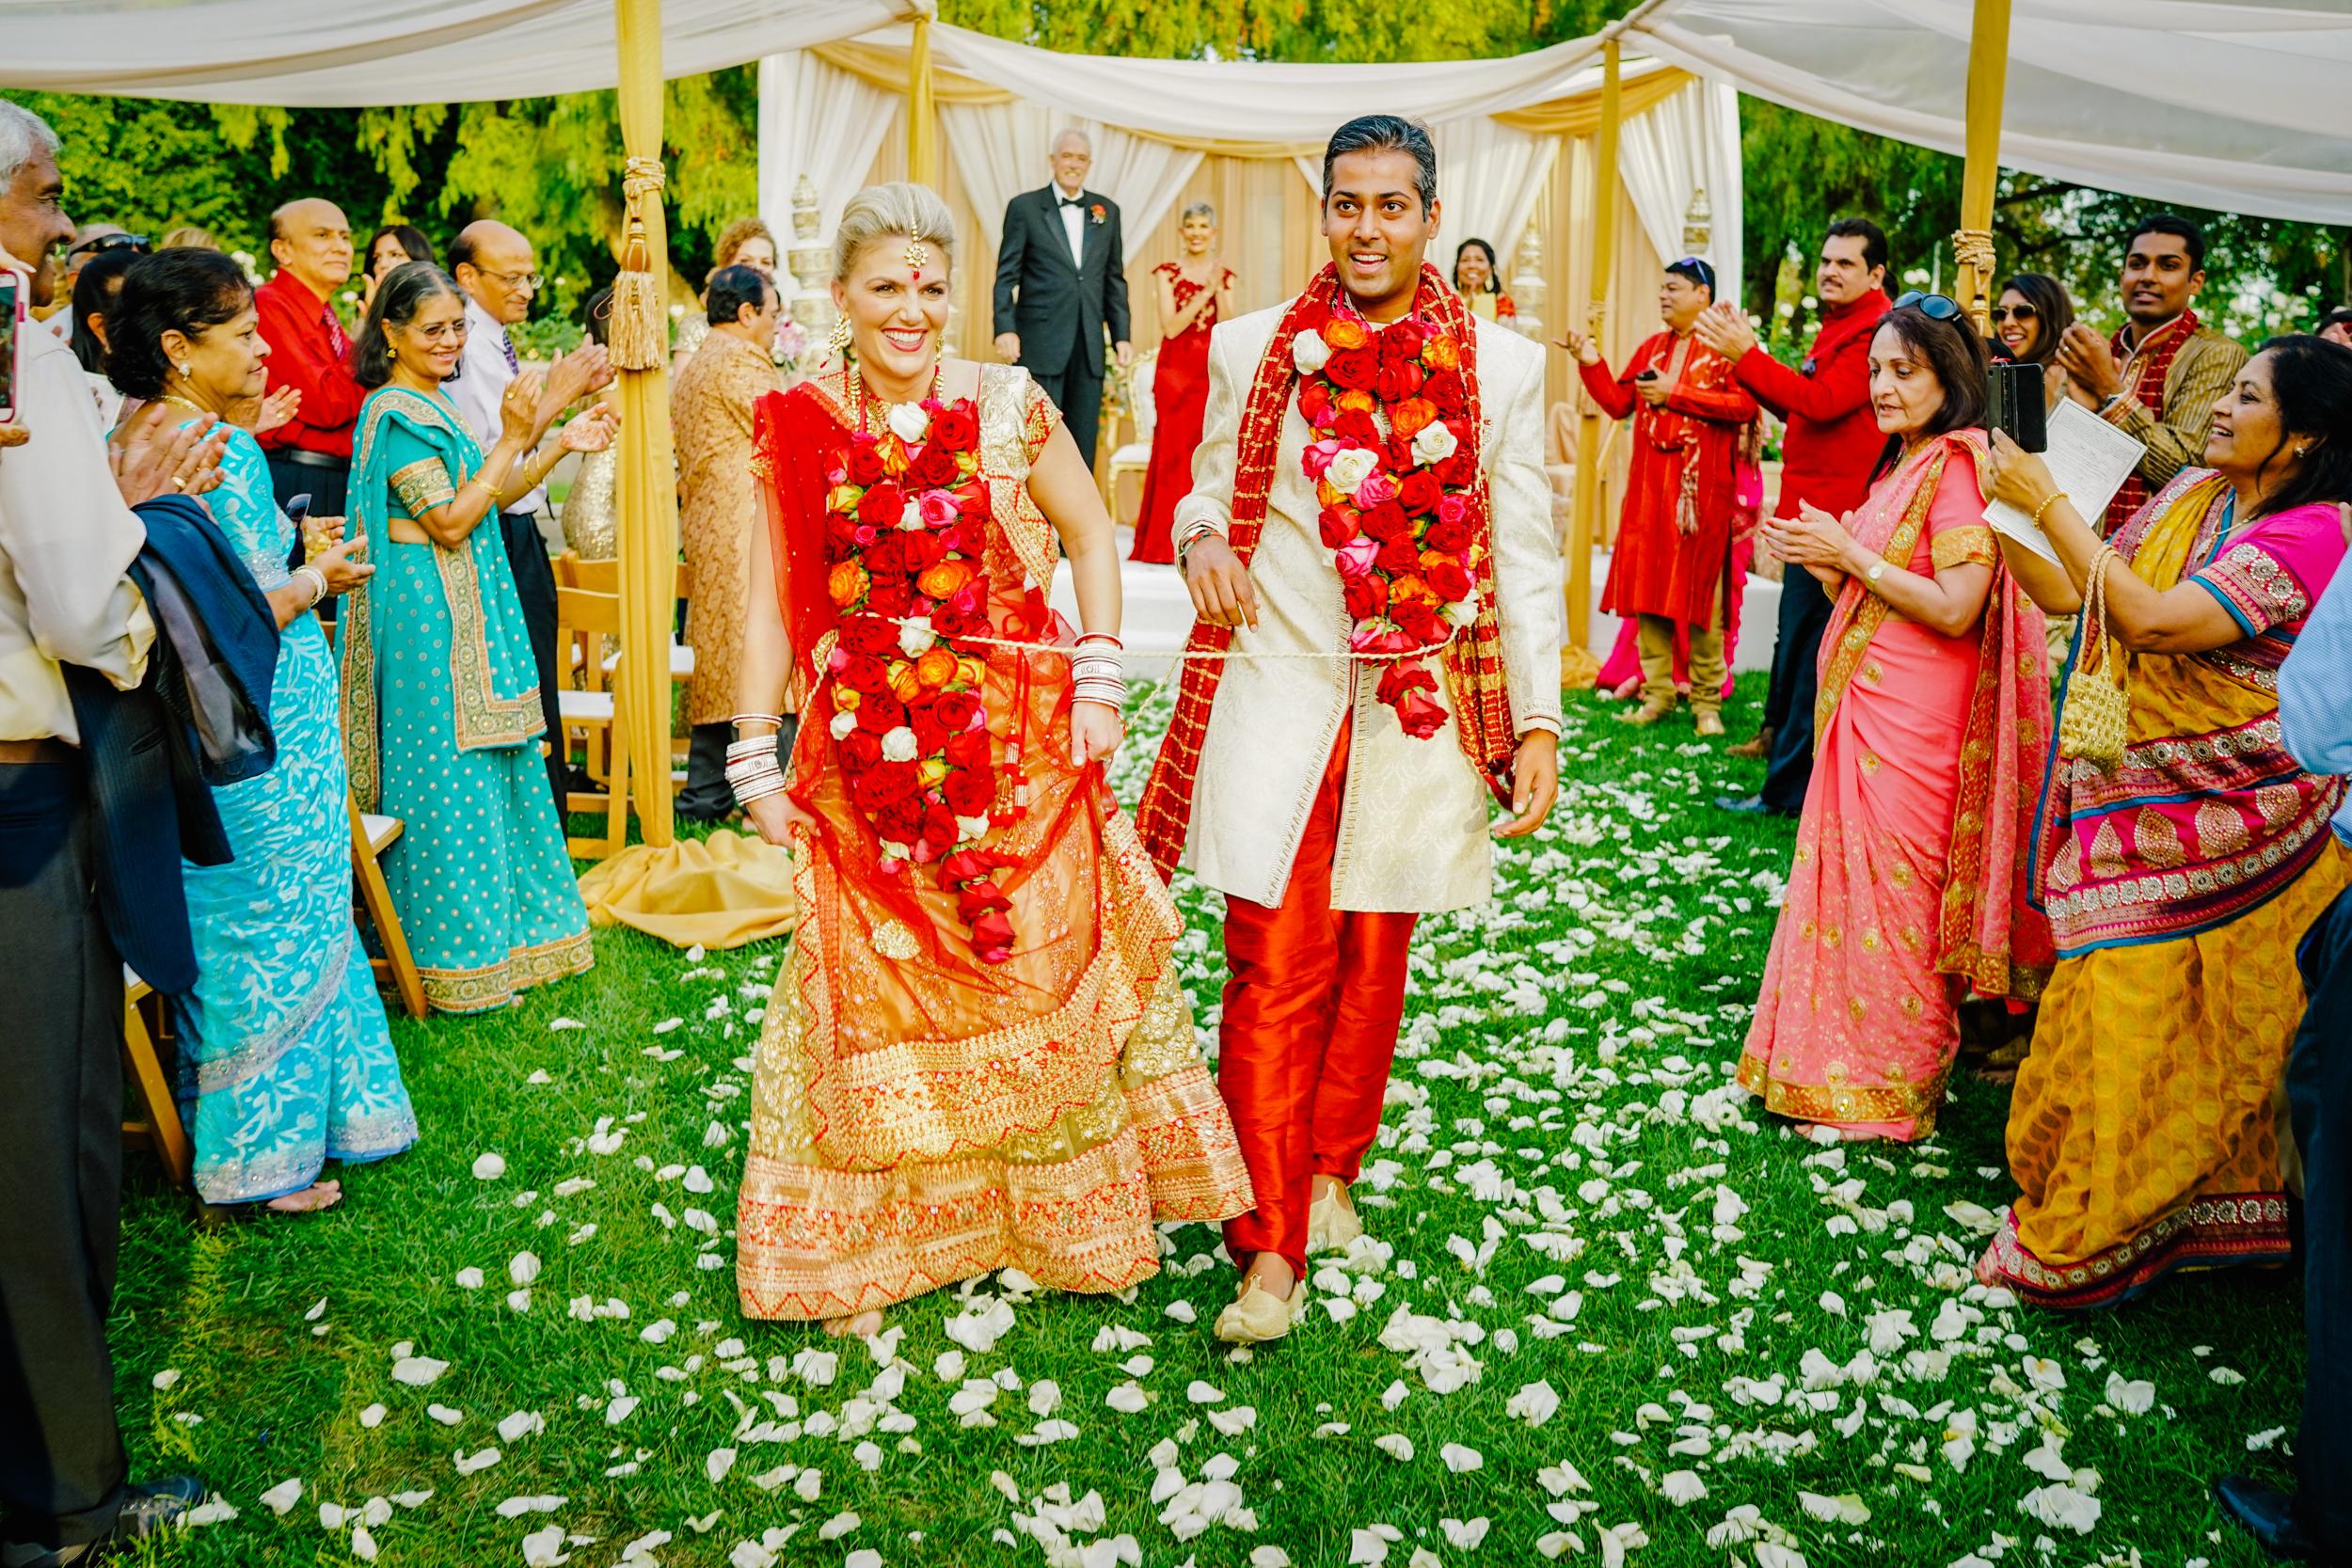 JKP_Indian_Weddings_0030.JPG